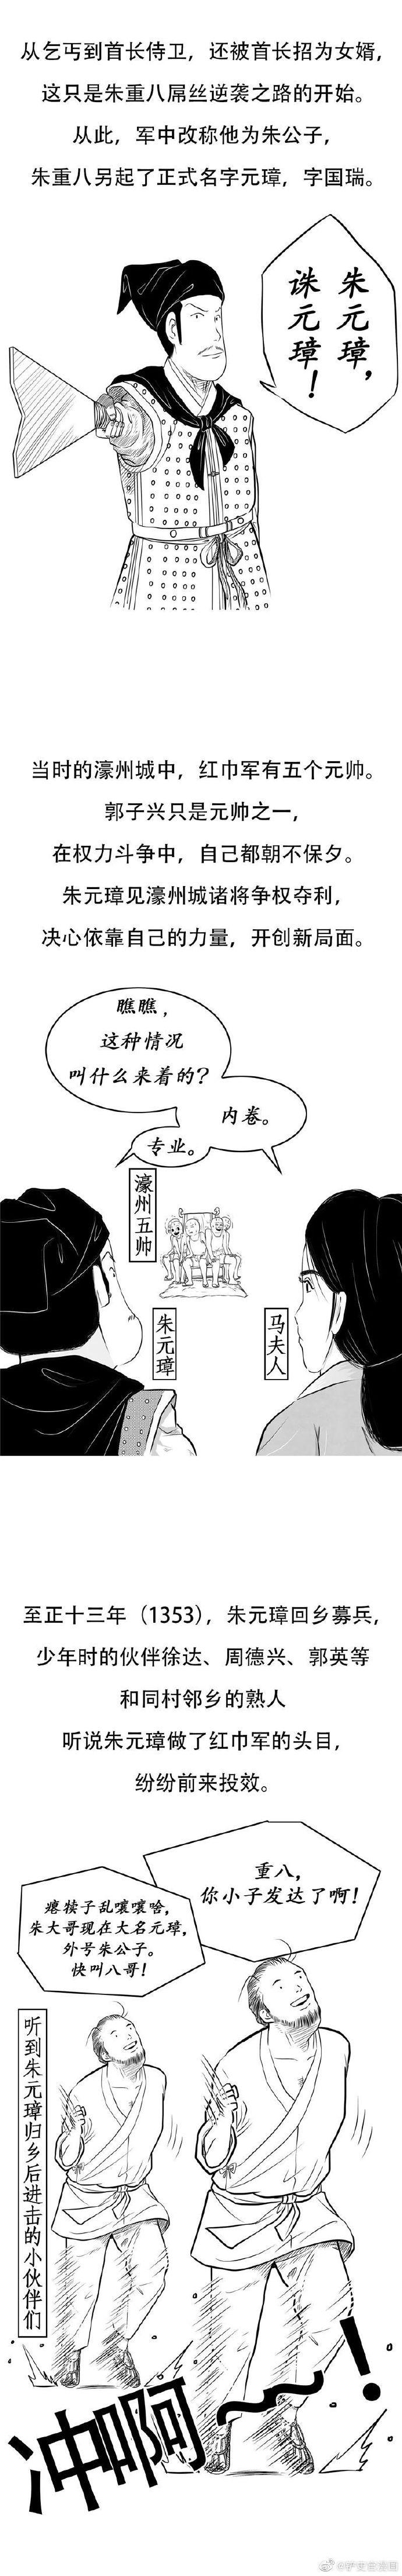 明朝前传|元末乱世之中,朱元璋如何开创大明